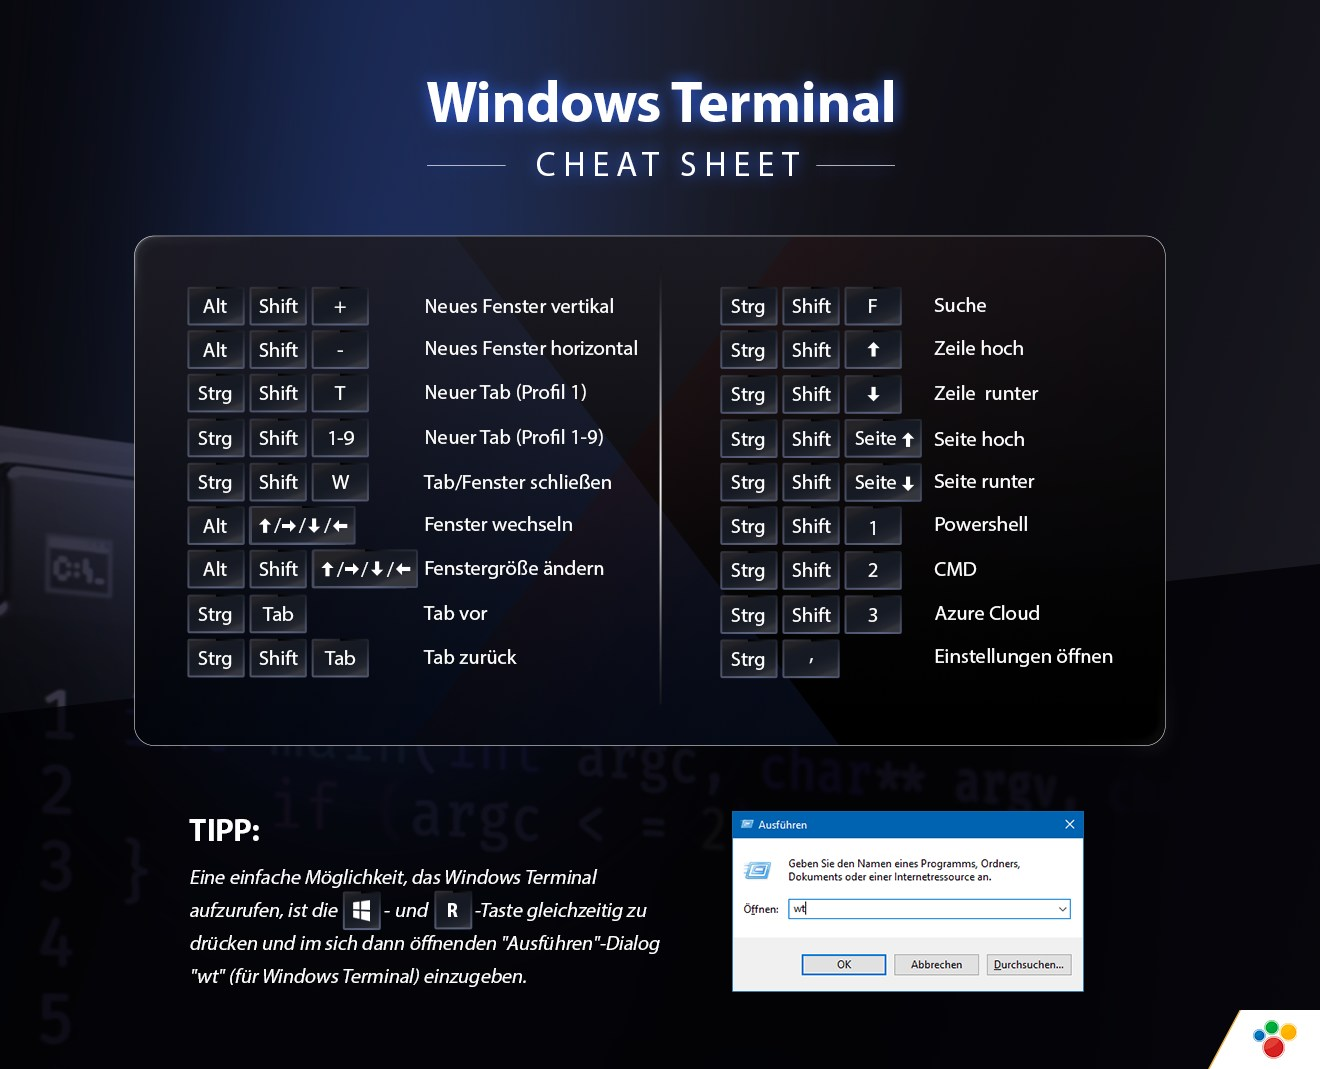 Tastenkombinationen für das Windows Terminal